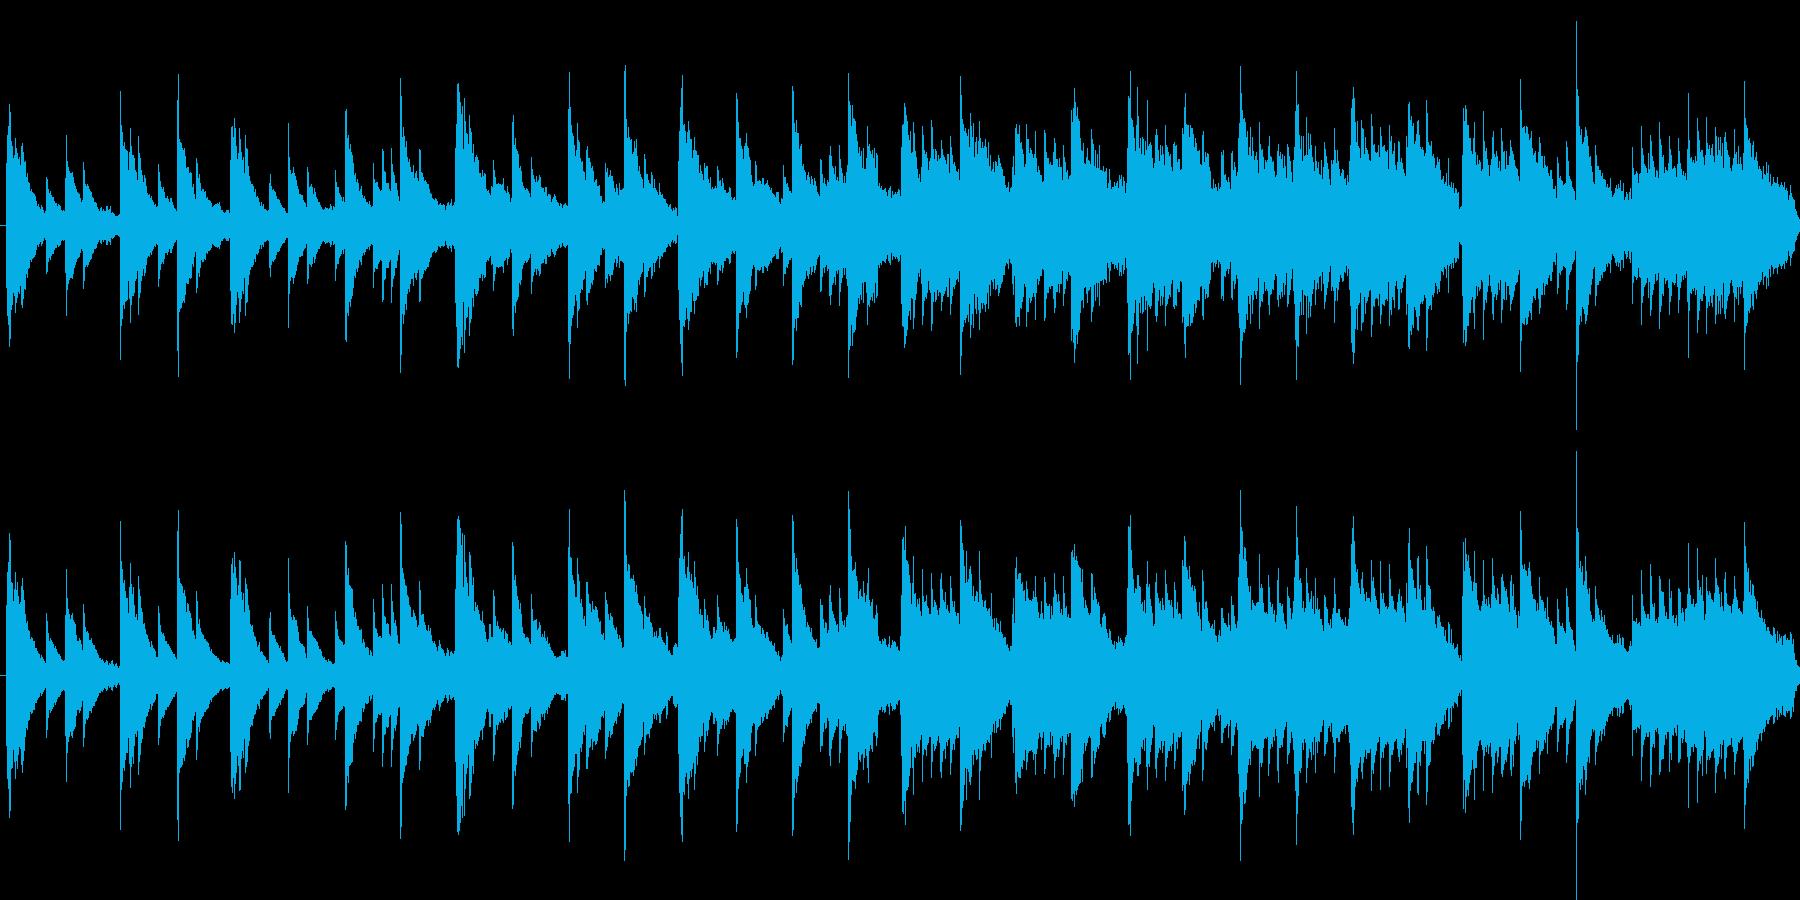 オルゴールの曲のようなインストの再生済みの波形